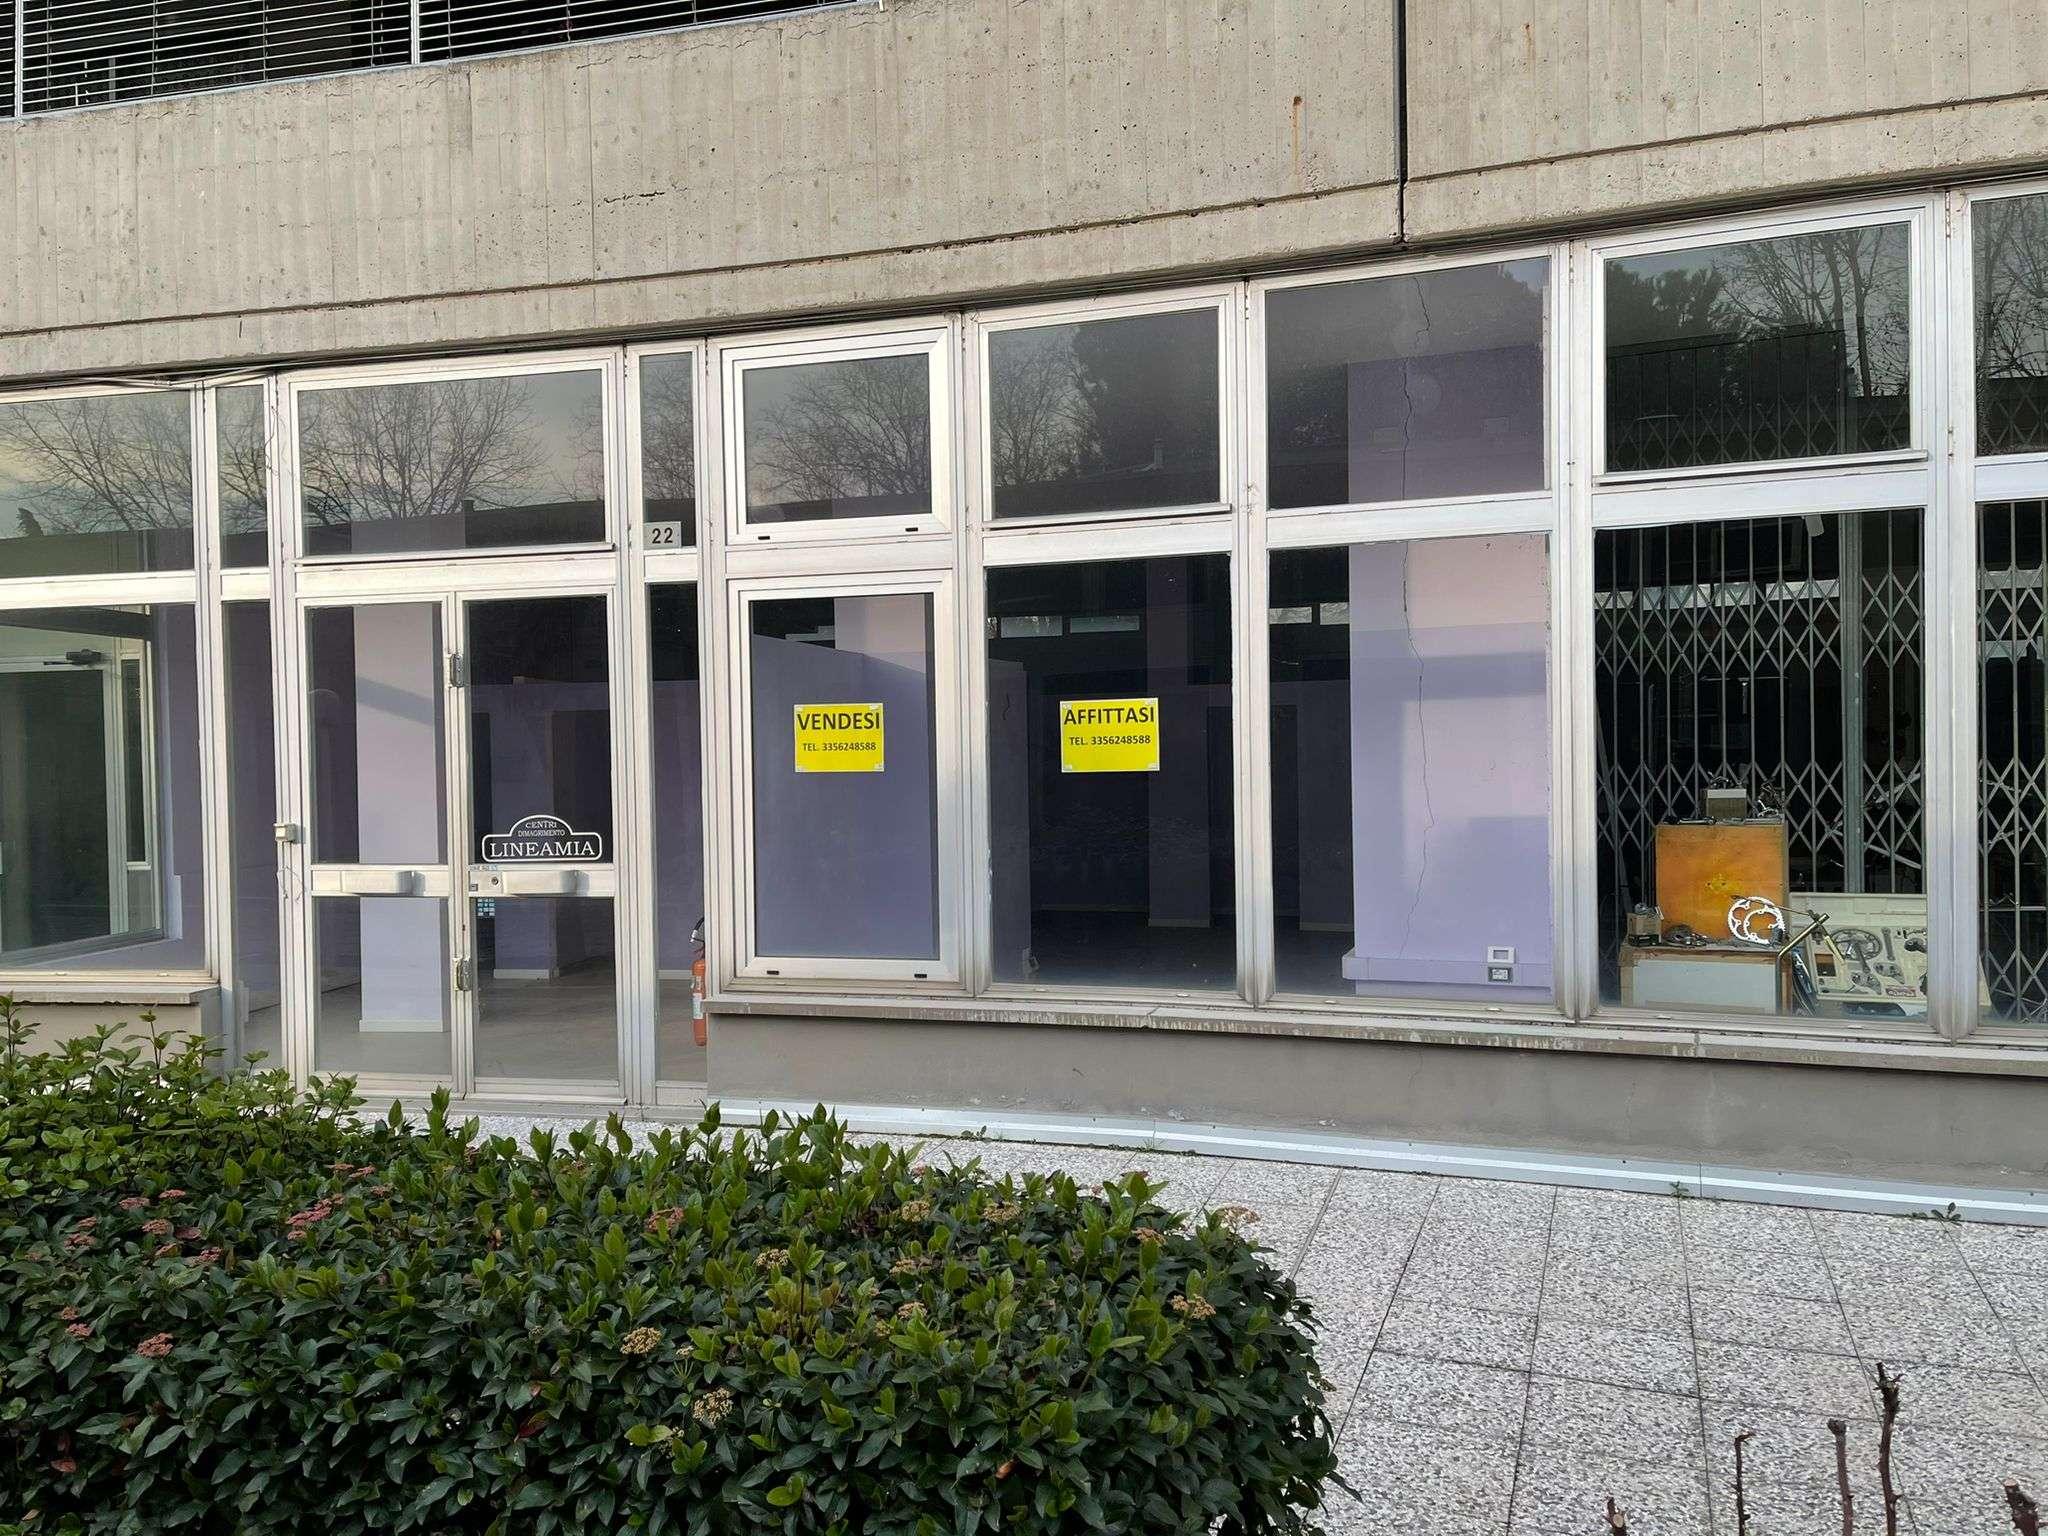 Ufficio / Studio in vendita a Ozzano dell'Emilia, 9999 locali, prezzo € 150.000 | CambioCasa.it